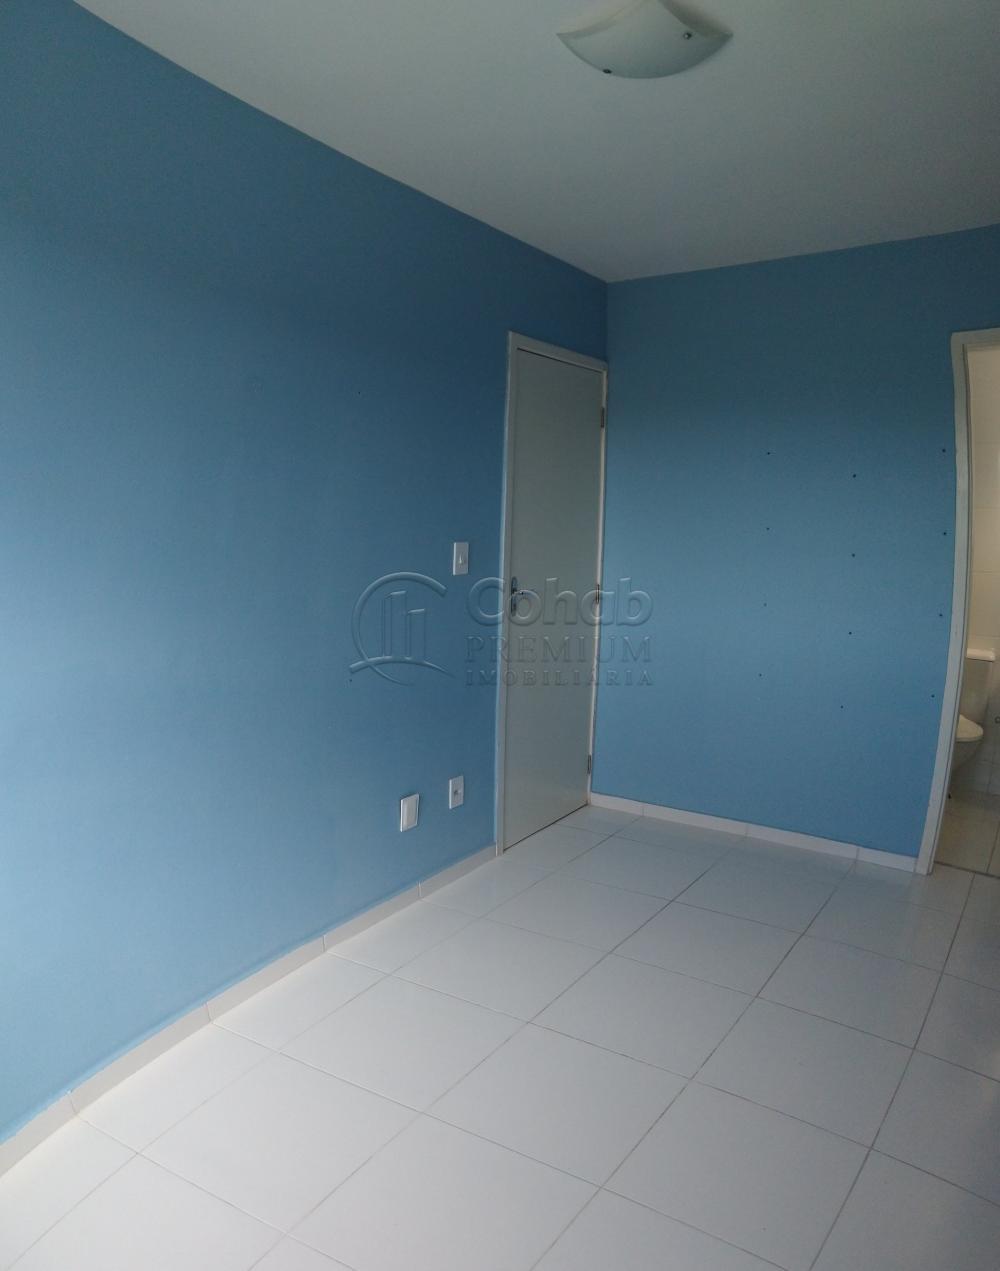 Alugar Apartamento / Padrão em Aracaju apenas R$ 450,00 - Foto 9